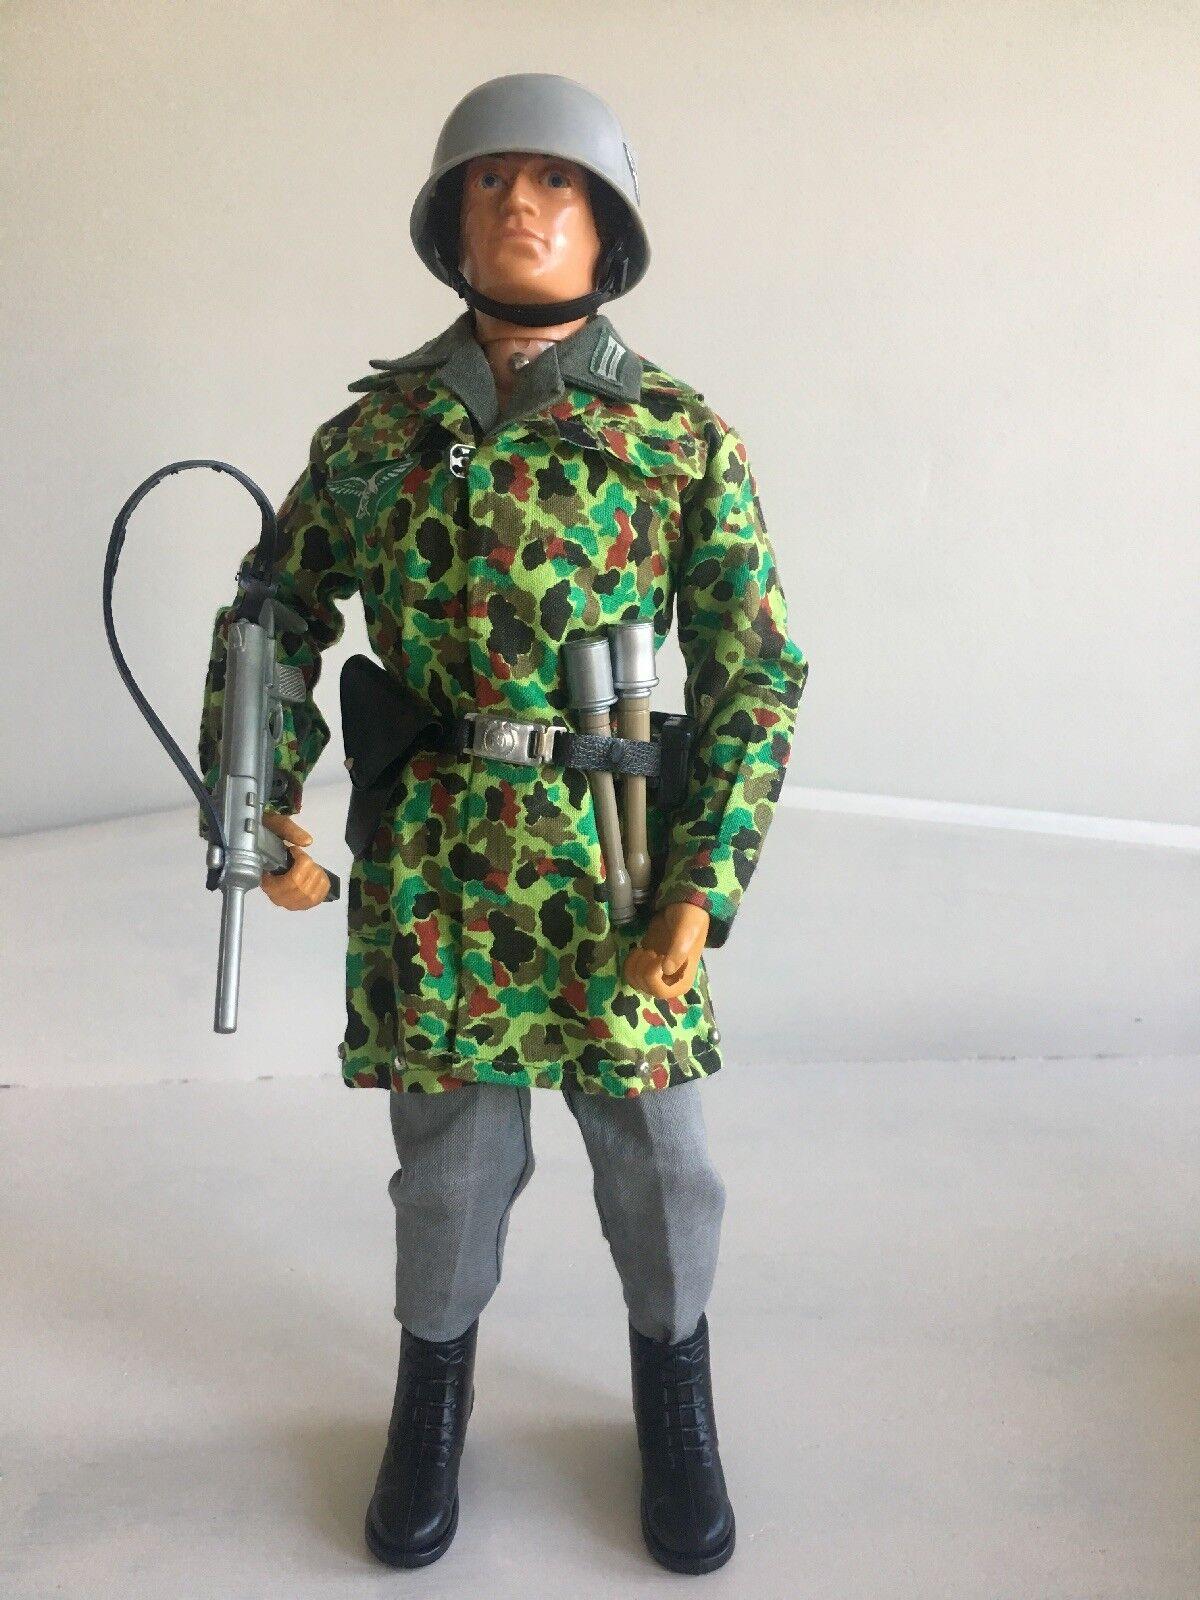 VINTAGE ACTION MAN Tedesco Paracadutista 1964 Eagle Eyes acetato di vinile MONOMERO PARA mozzafiato